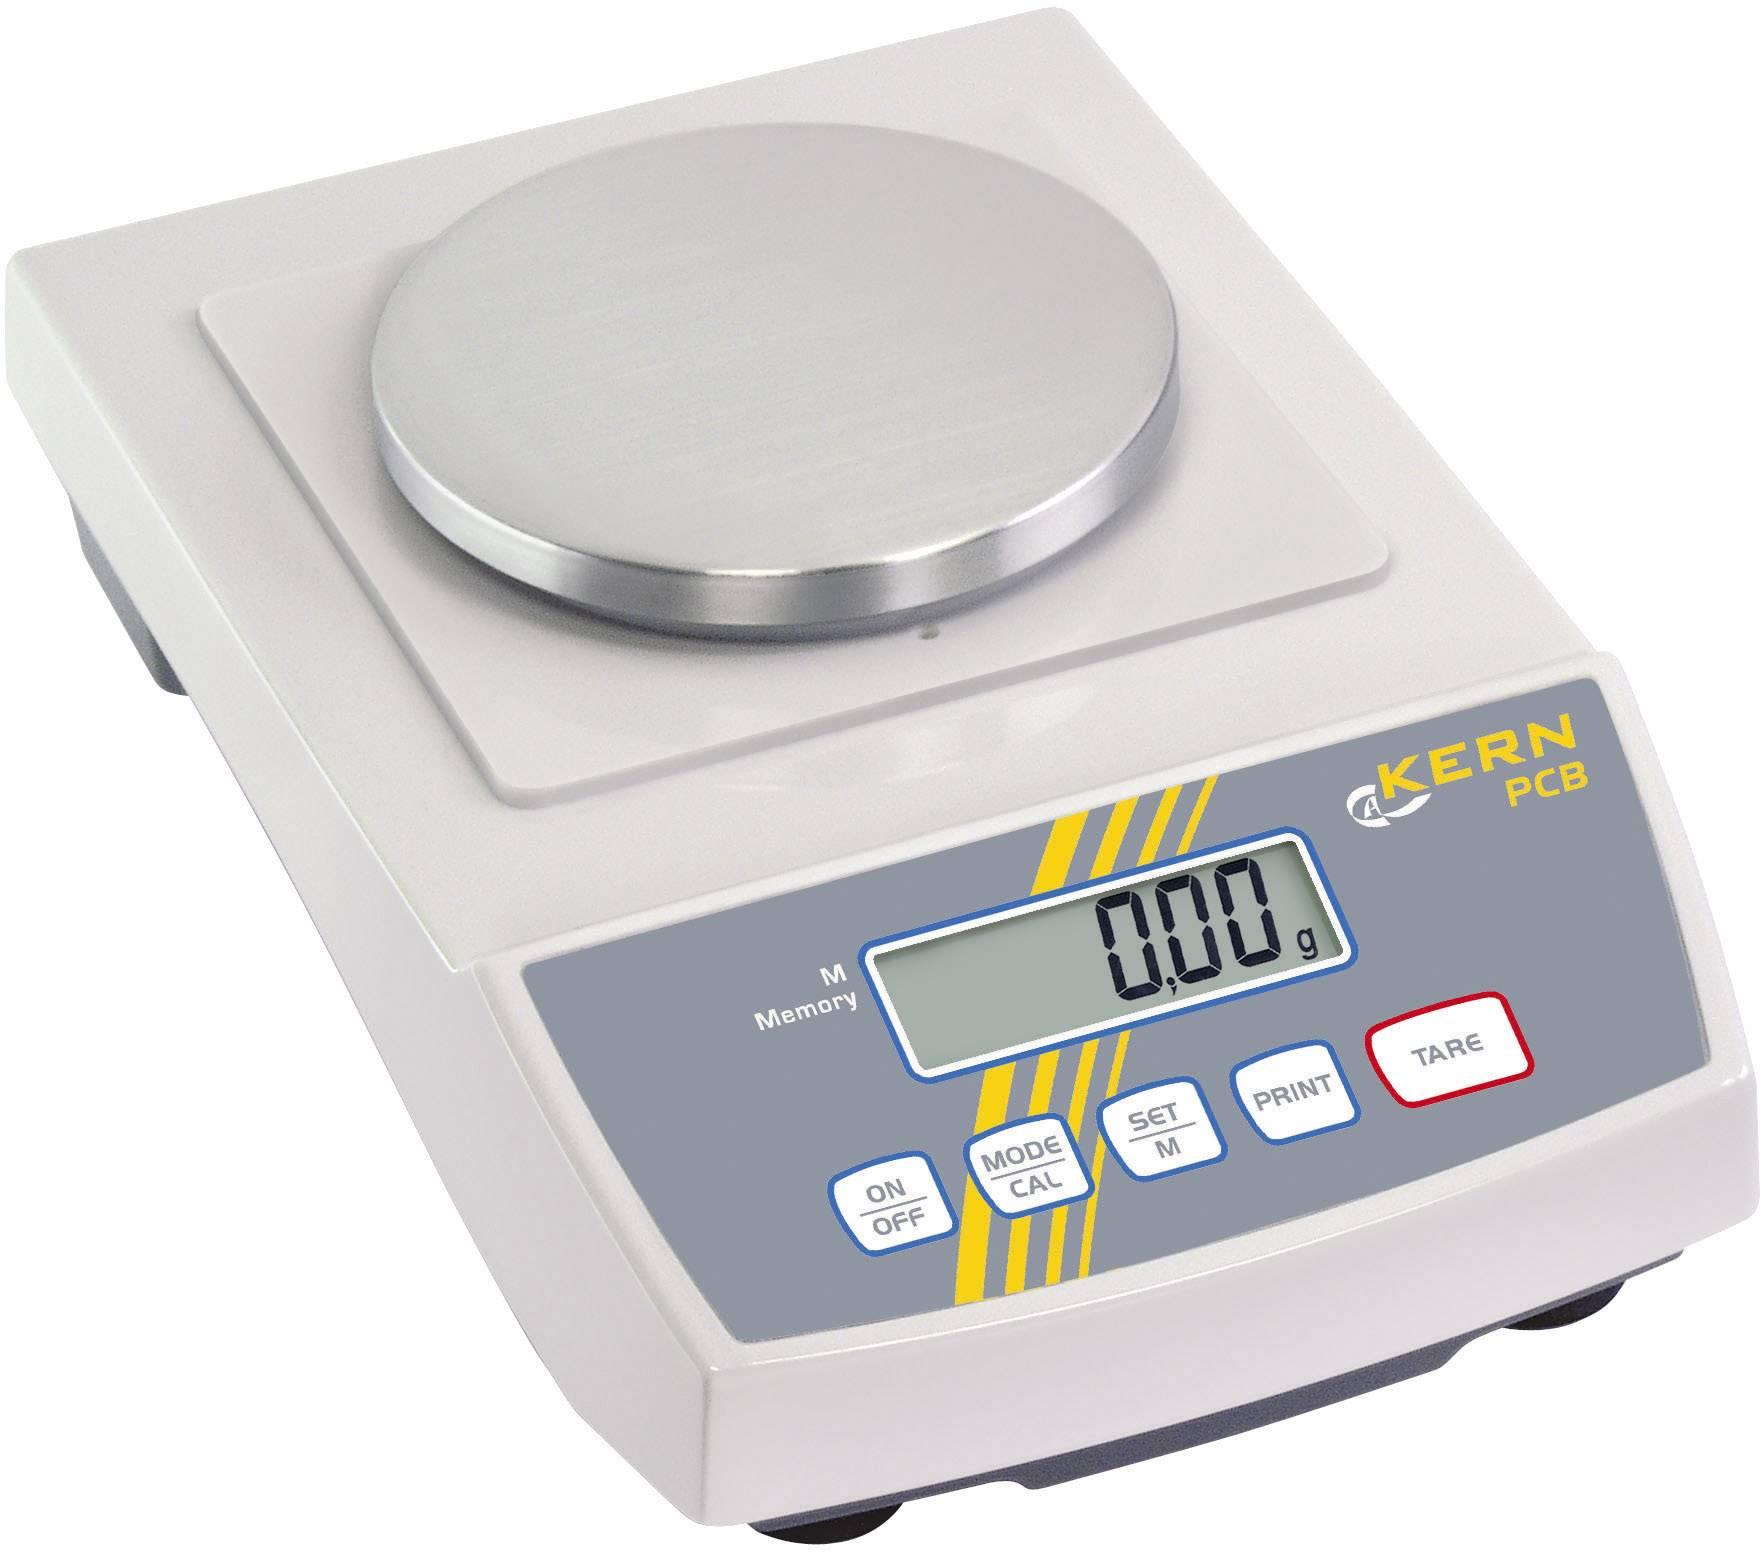 Přesná váha Kern PCB 250-3, rozlišení 0.001 g, max. váživost 250 g, Kalibrováno dle ISO